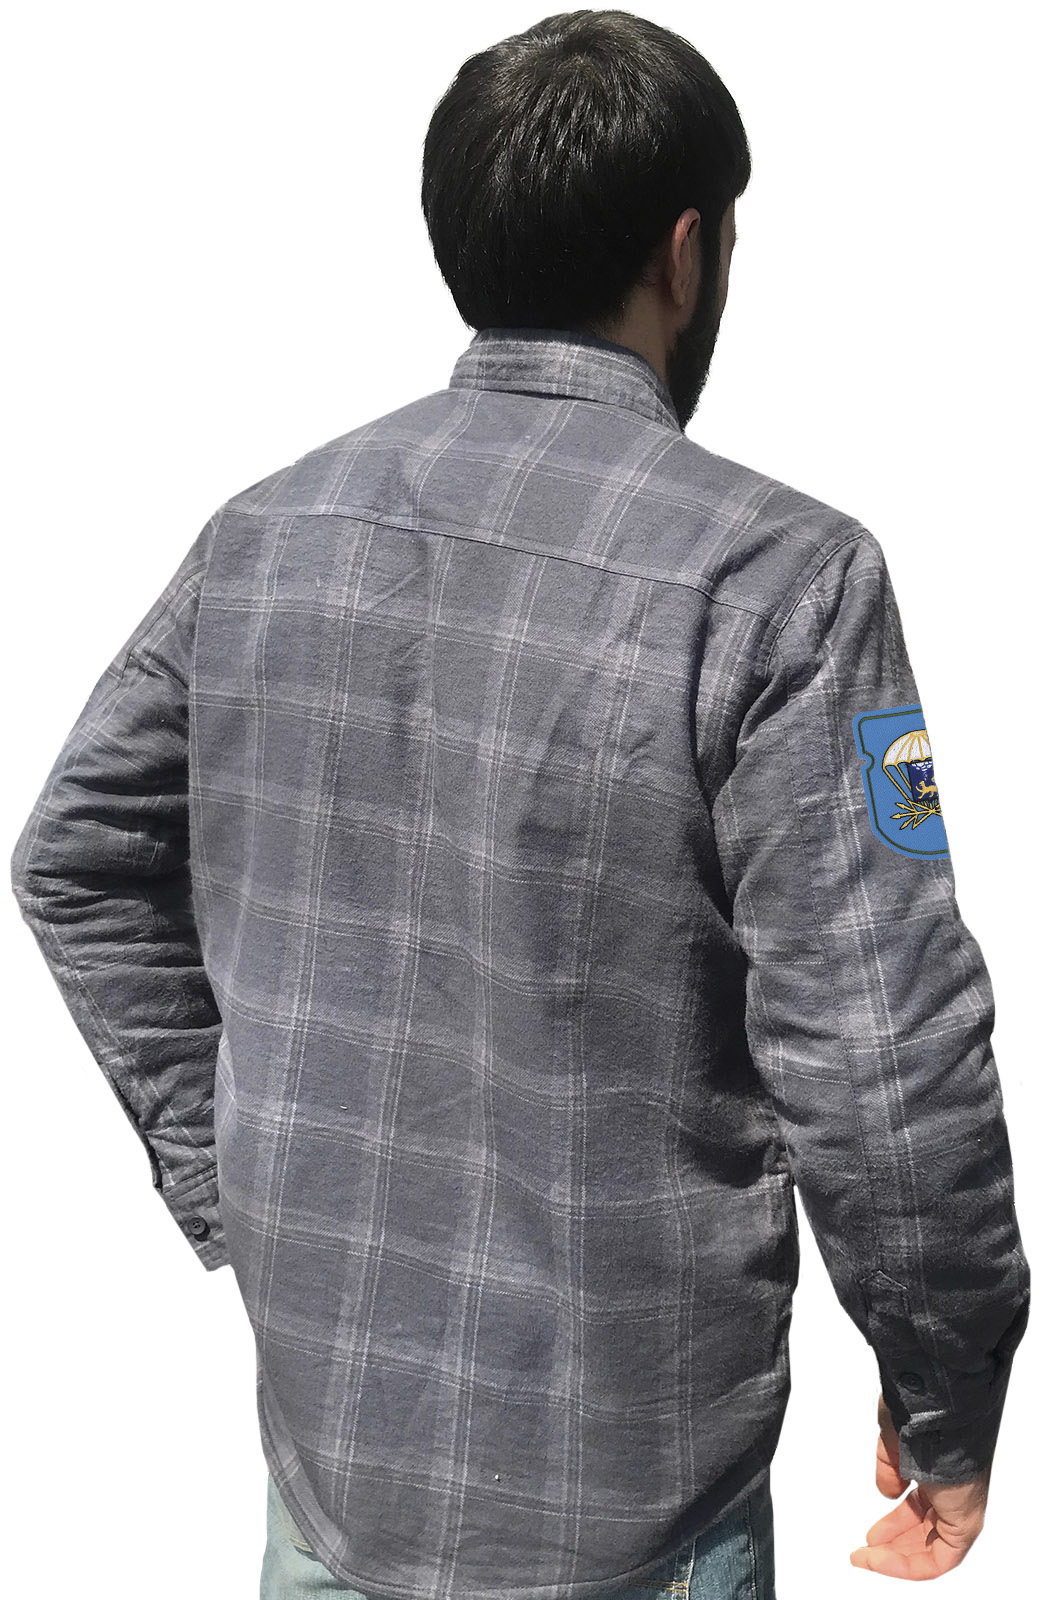 Купить мужскую рубашку с вышитым шевроном 728 отдельный батальон связи 76 ДШД онлайн выгодно